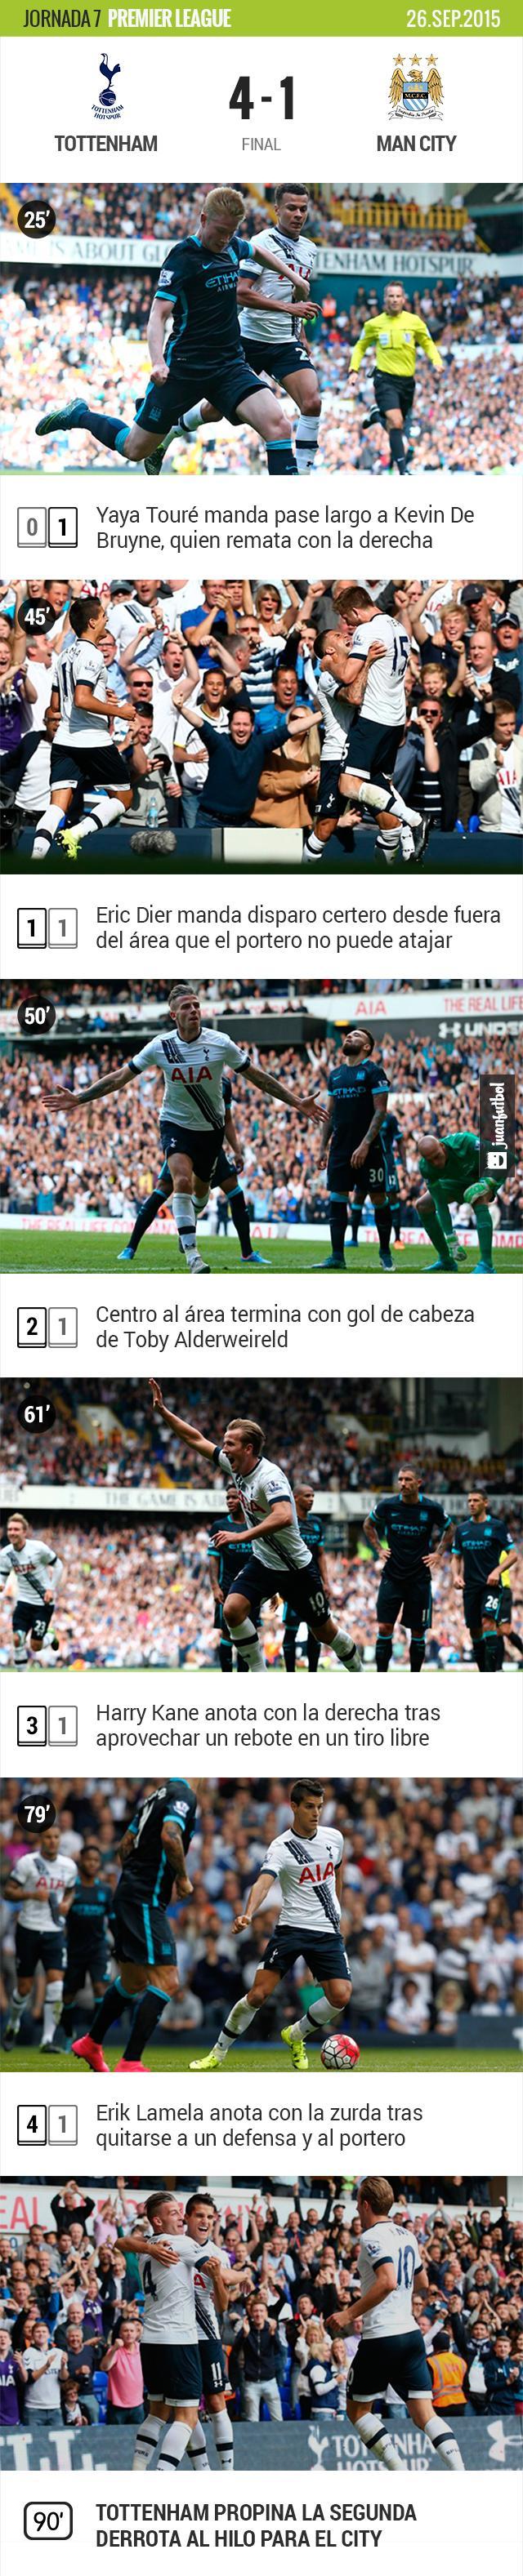 Tottenham destruye al City en casa con marcador final de 4-1